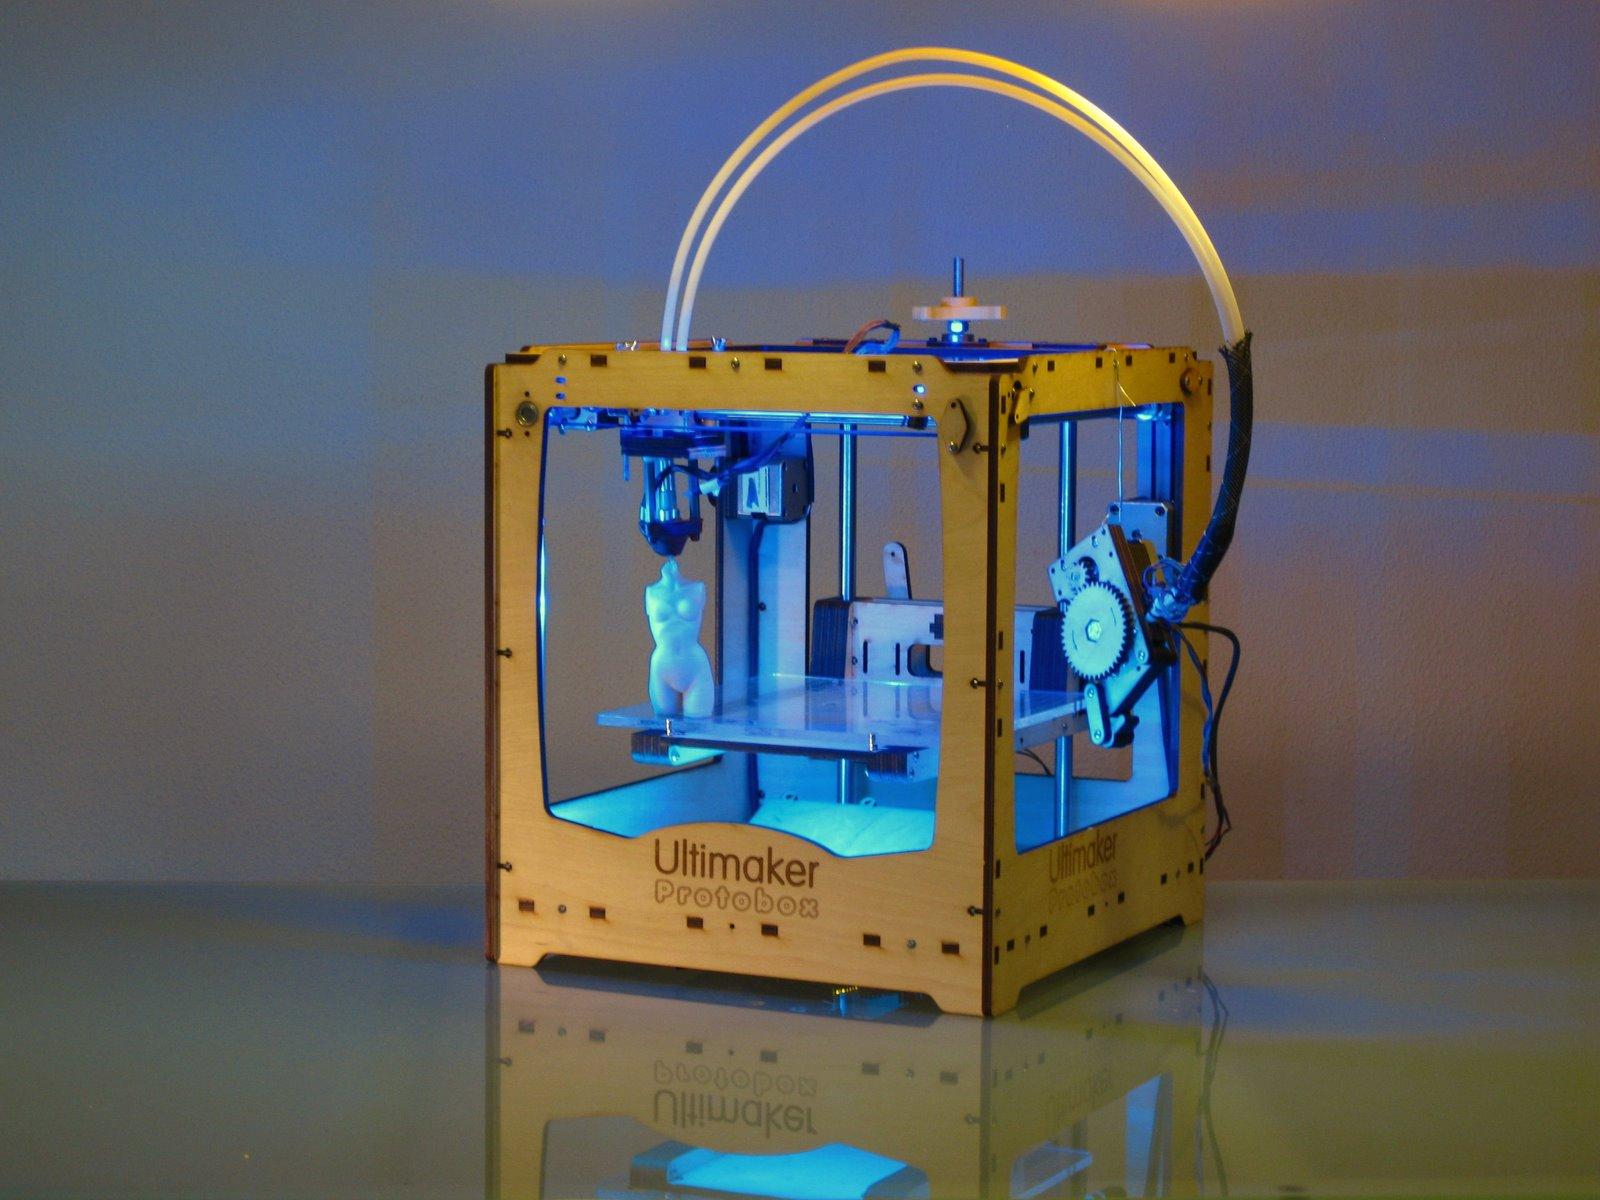 Verandert 3D-printen de wereld?